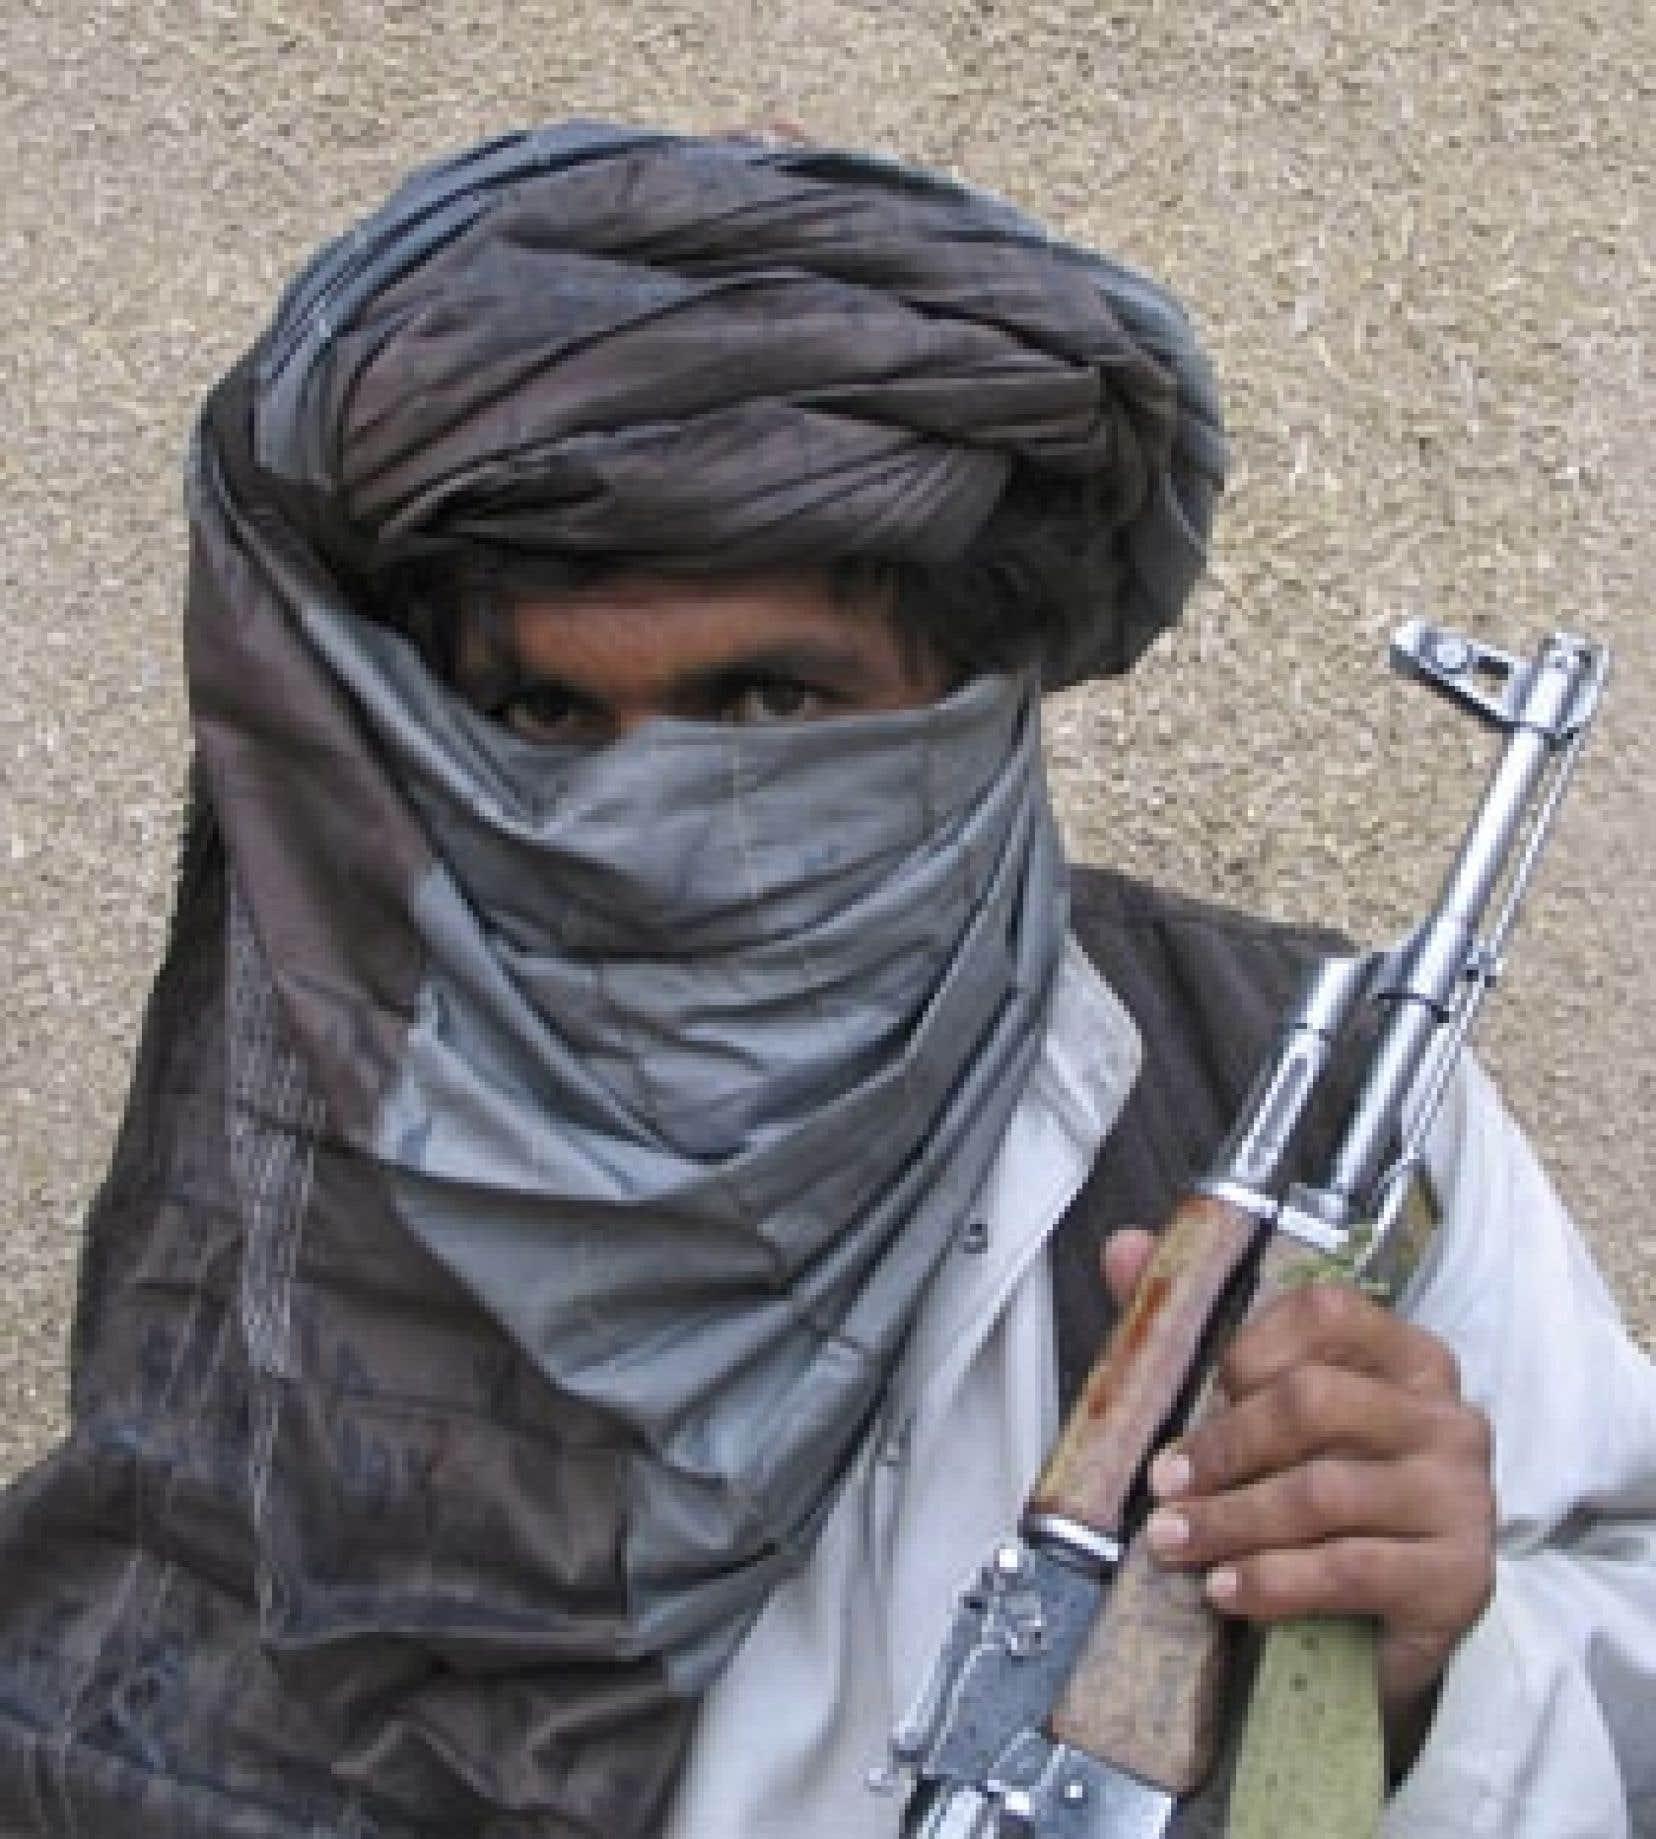 Le mollah Khan a été photographié dans une base secrète située dans le sud de l'Afghanistan.